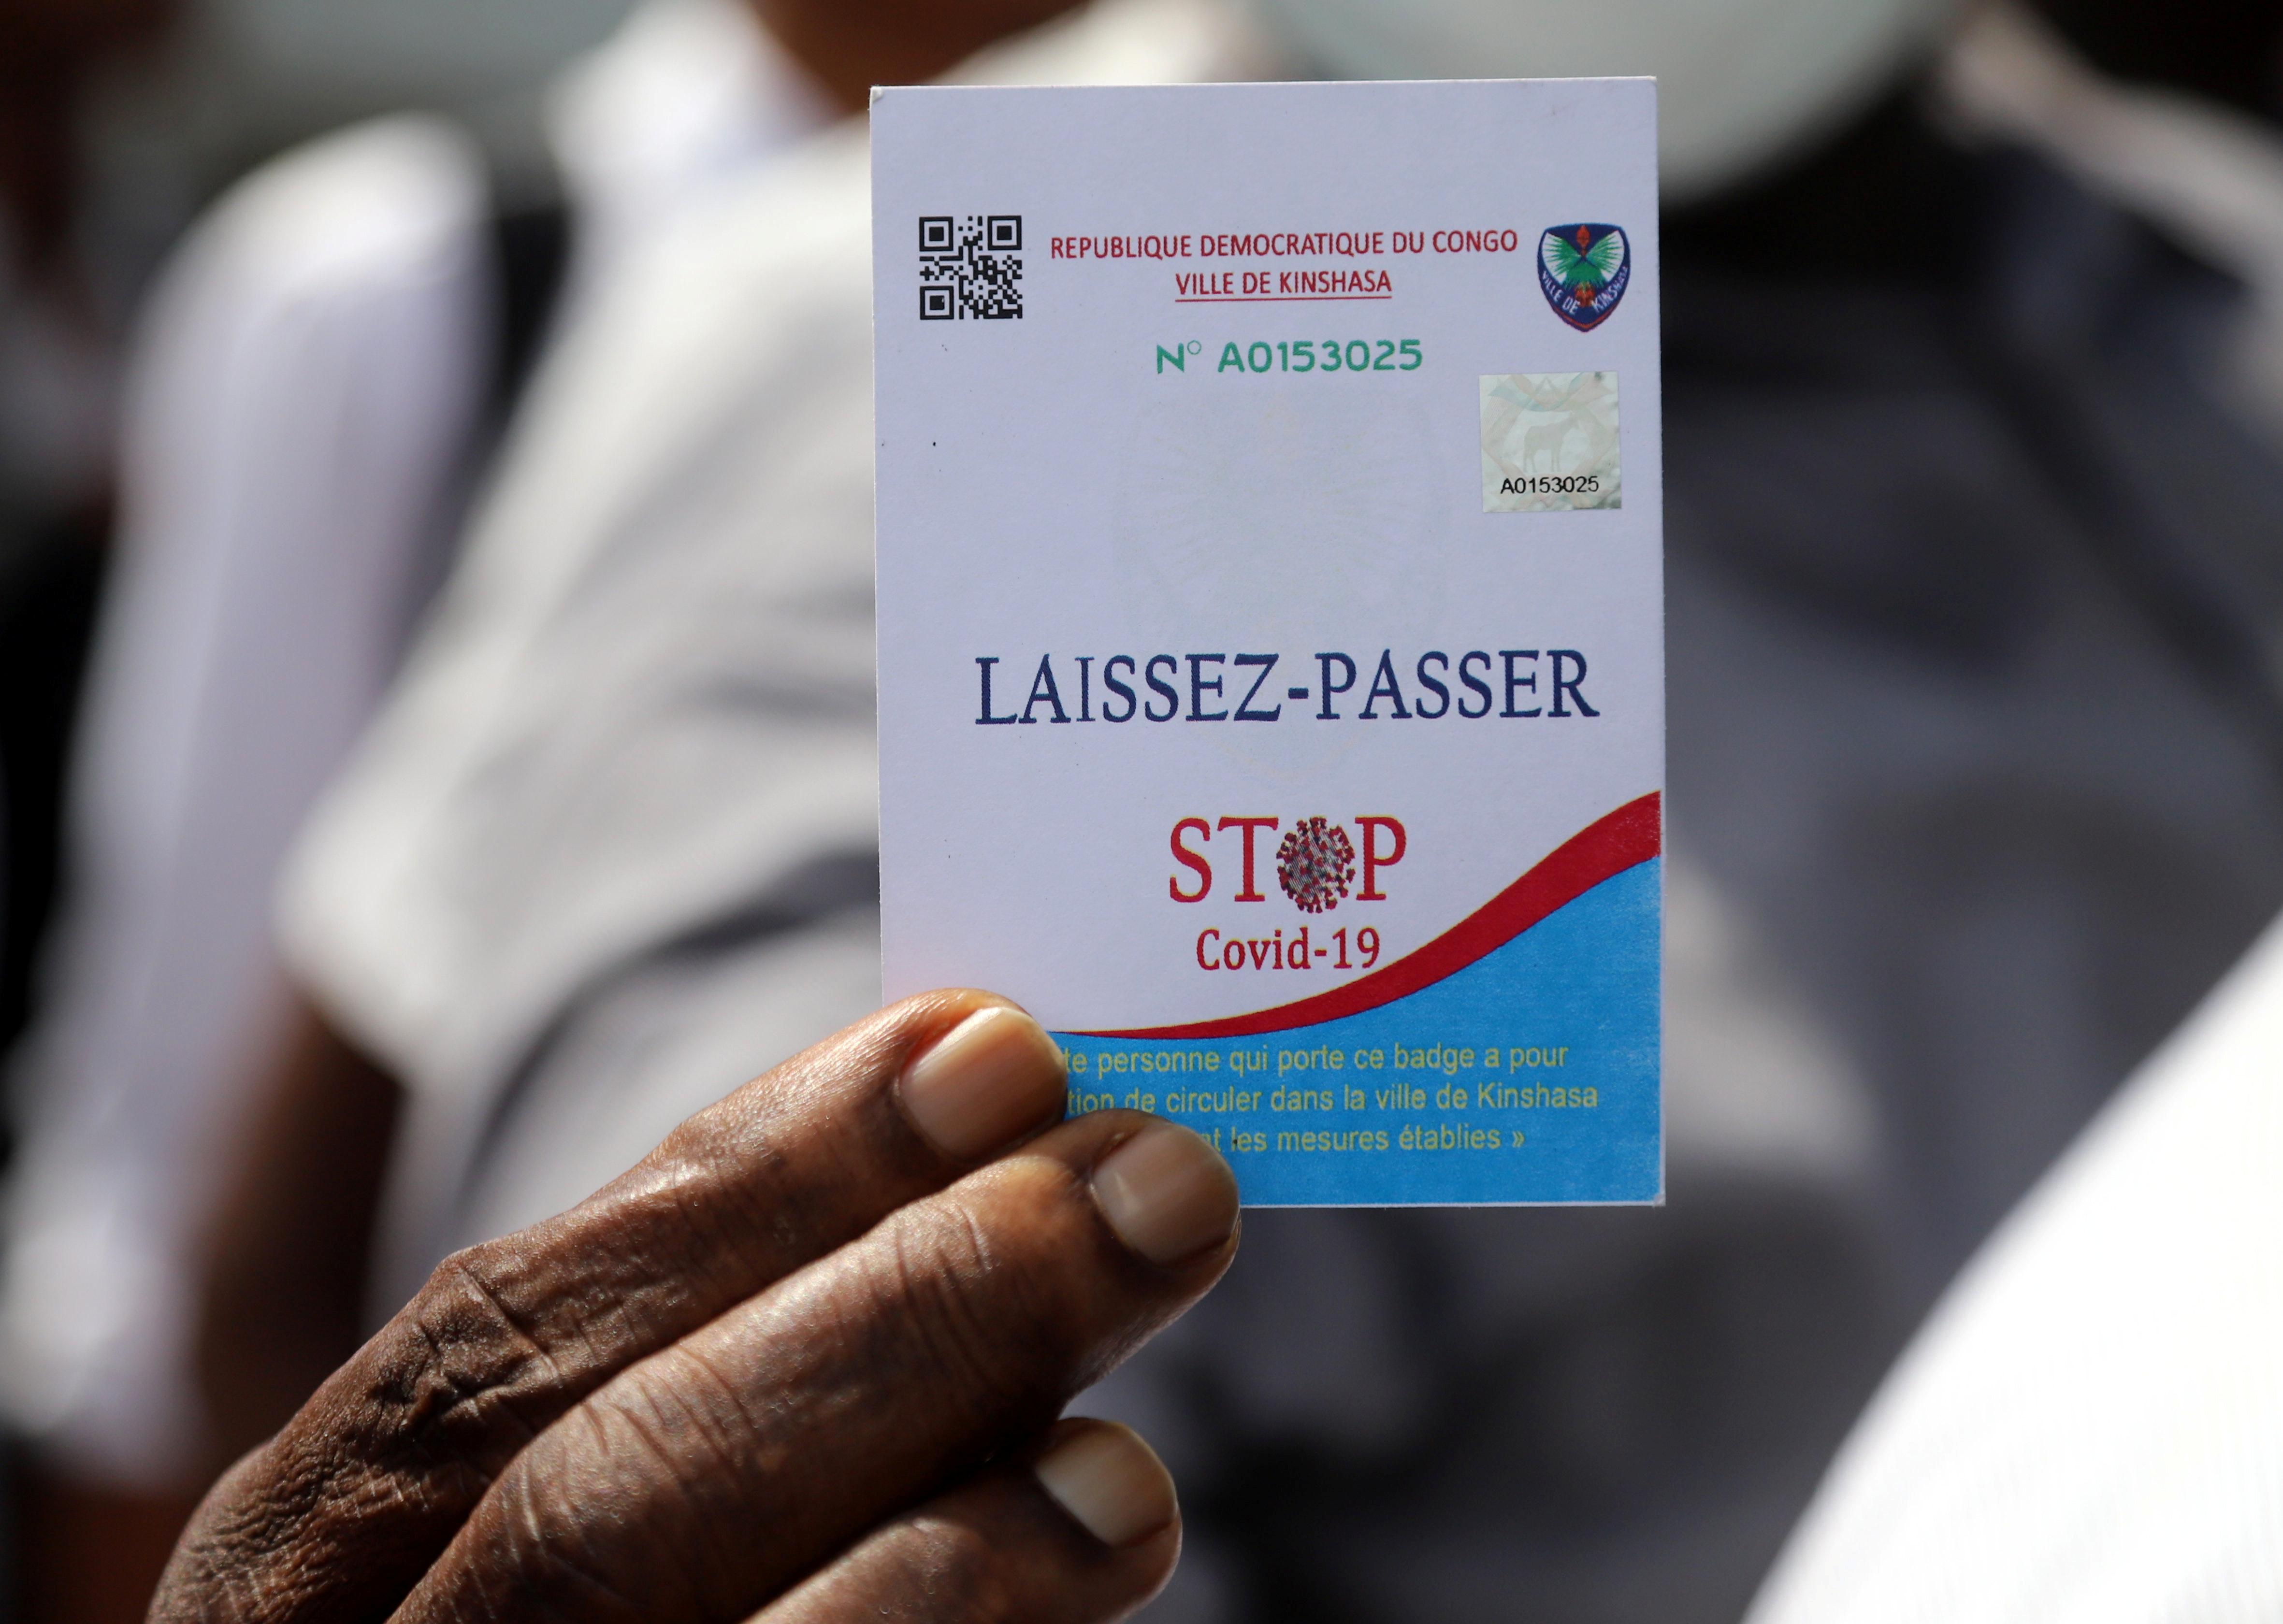 Un civil présente son laissez-passer, lors du confinement de la commune de Gombe, à Kinshasa, le 6 avril 2020.